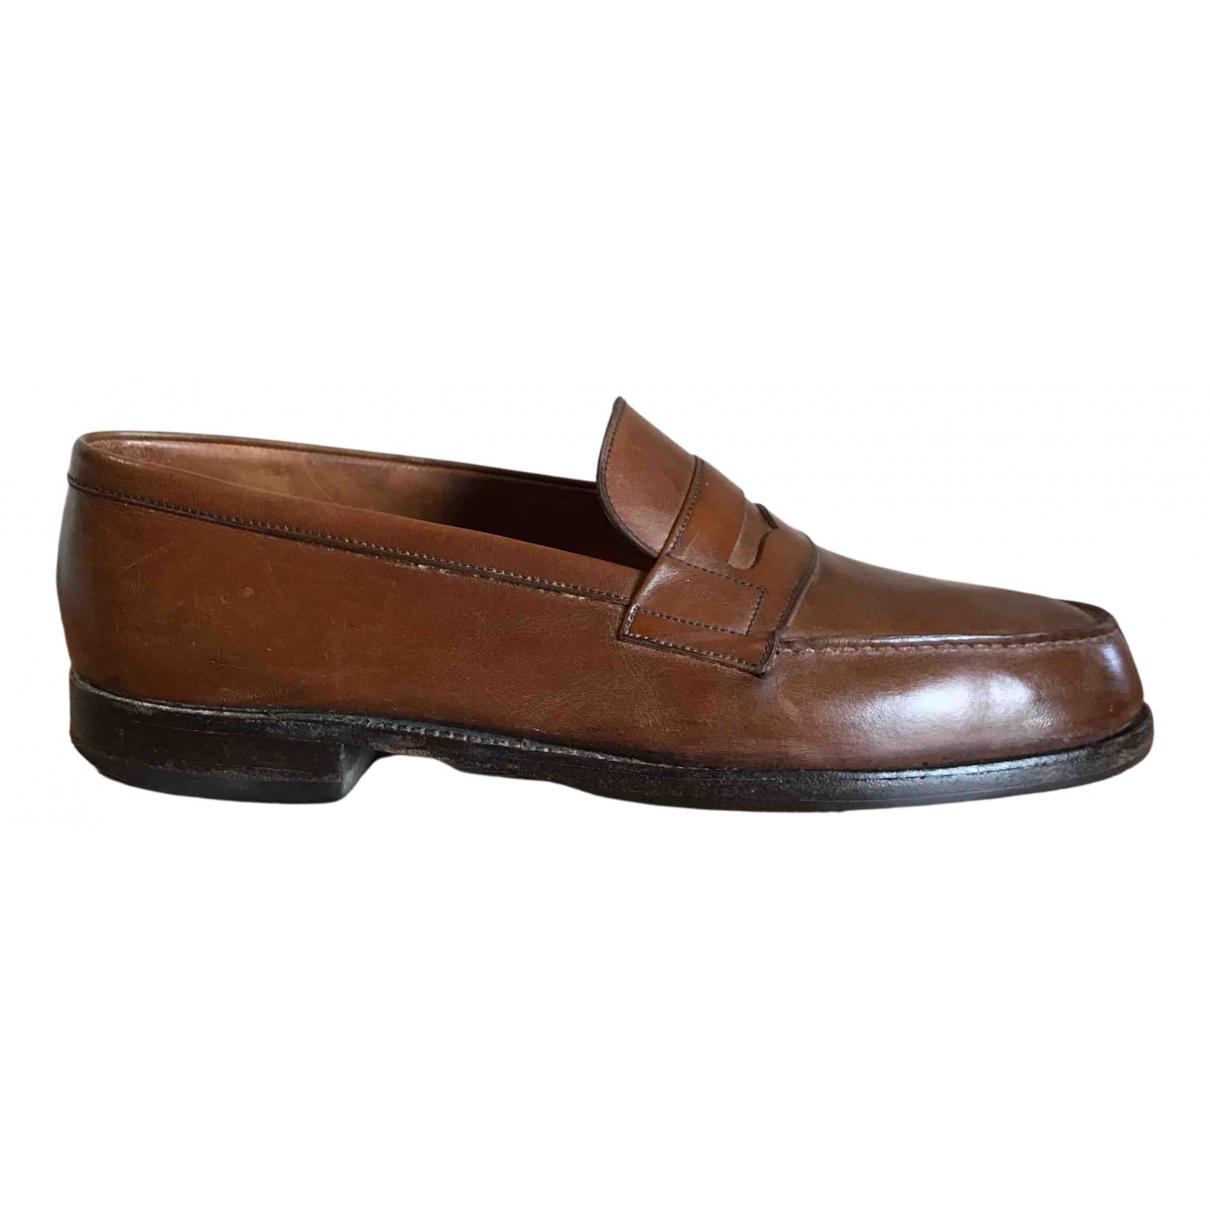 Jm Weston - Mocassins   pour homme en cuir - marron